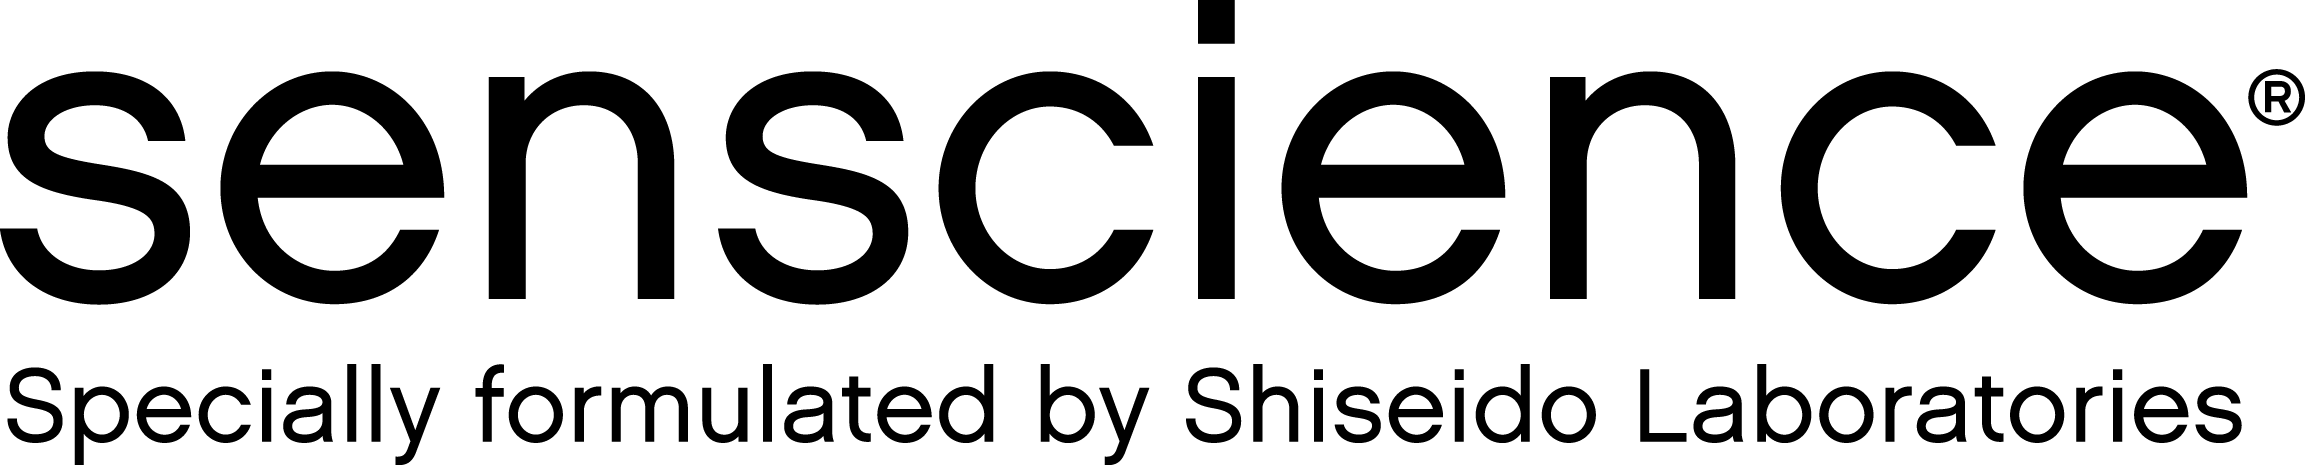 senscience-logo-tagline-black_png_hr